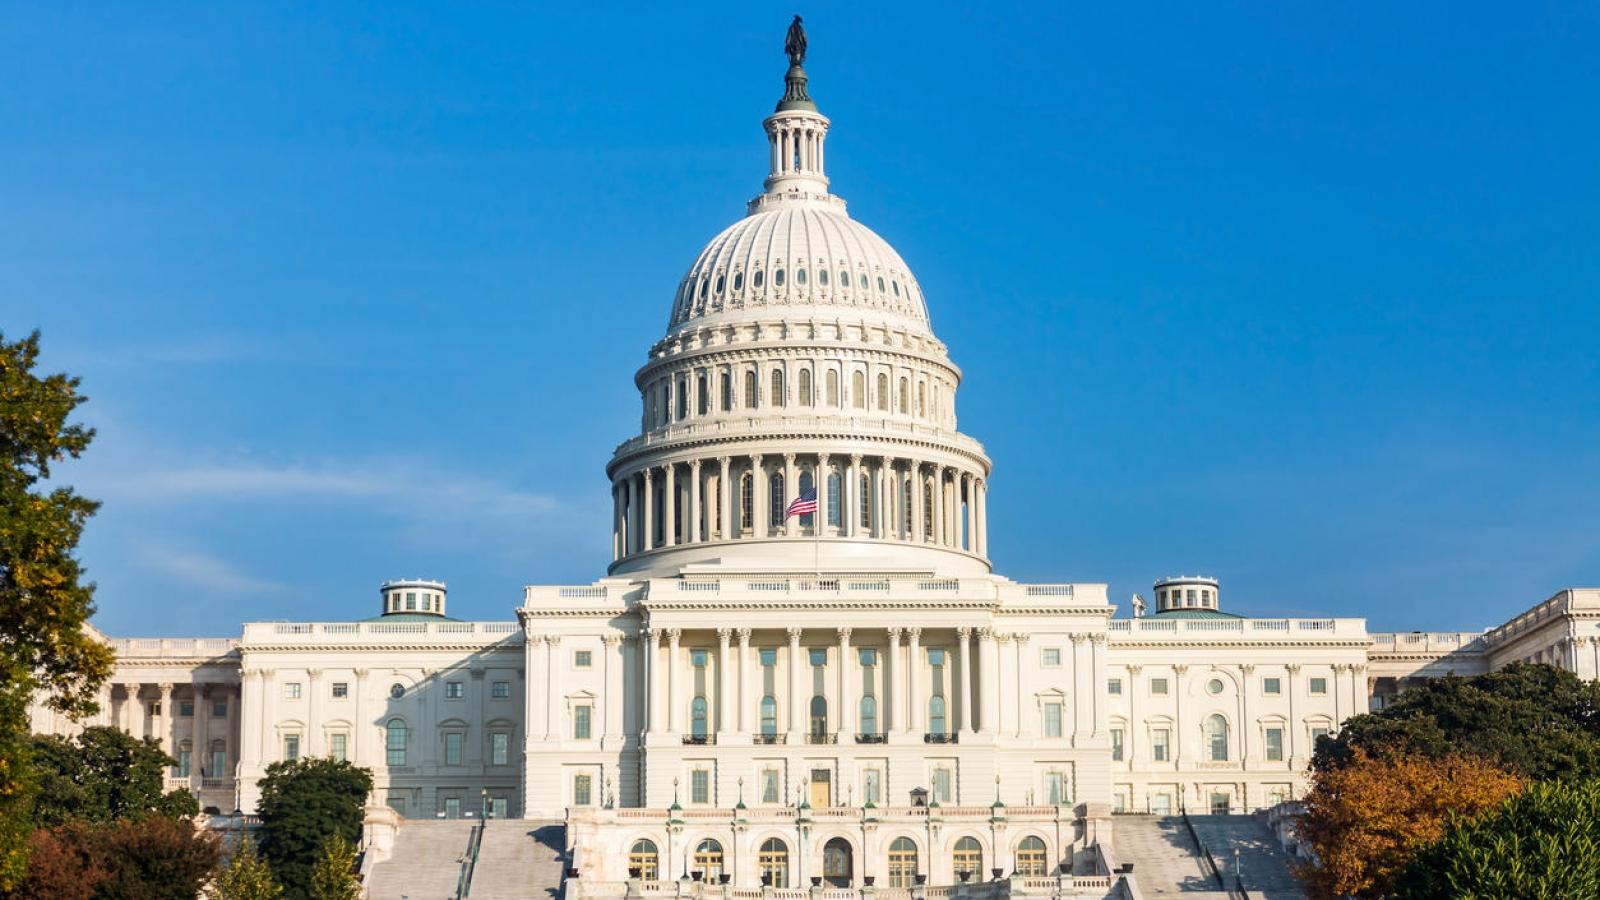 Chính trường Mỹ năm 2021: Tương lai của Trump, thách thức của Biden và Quốc hội